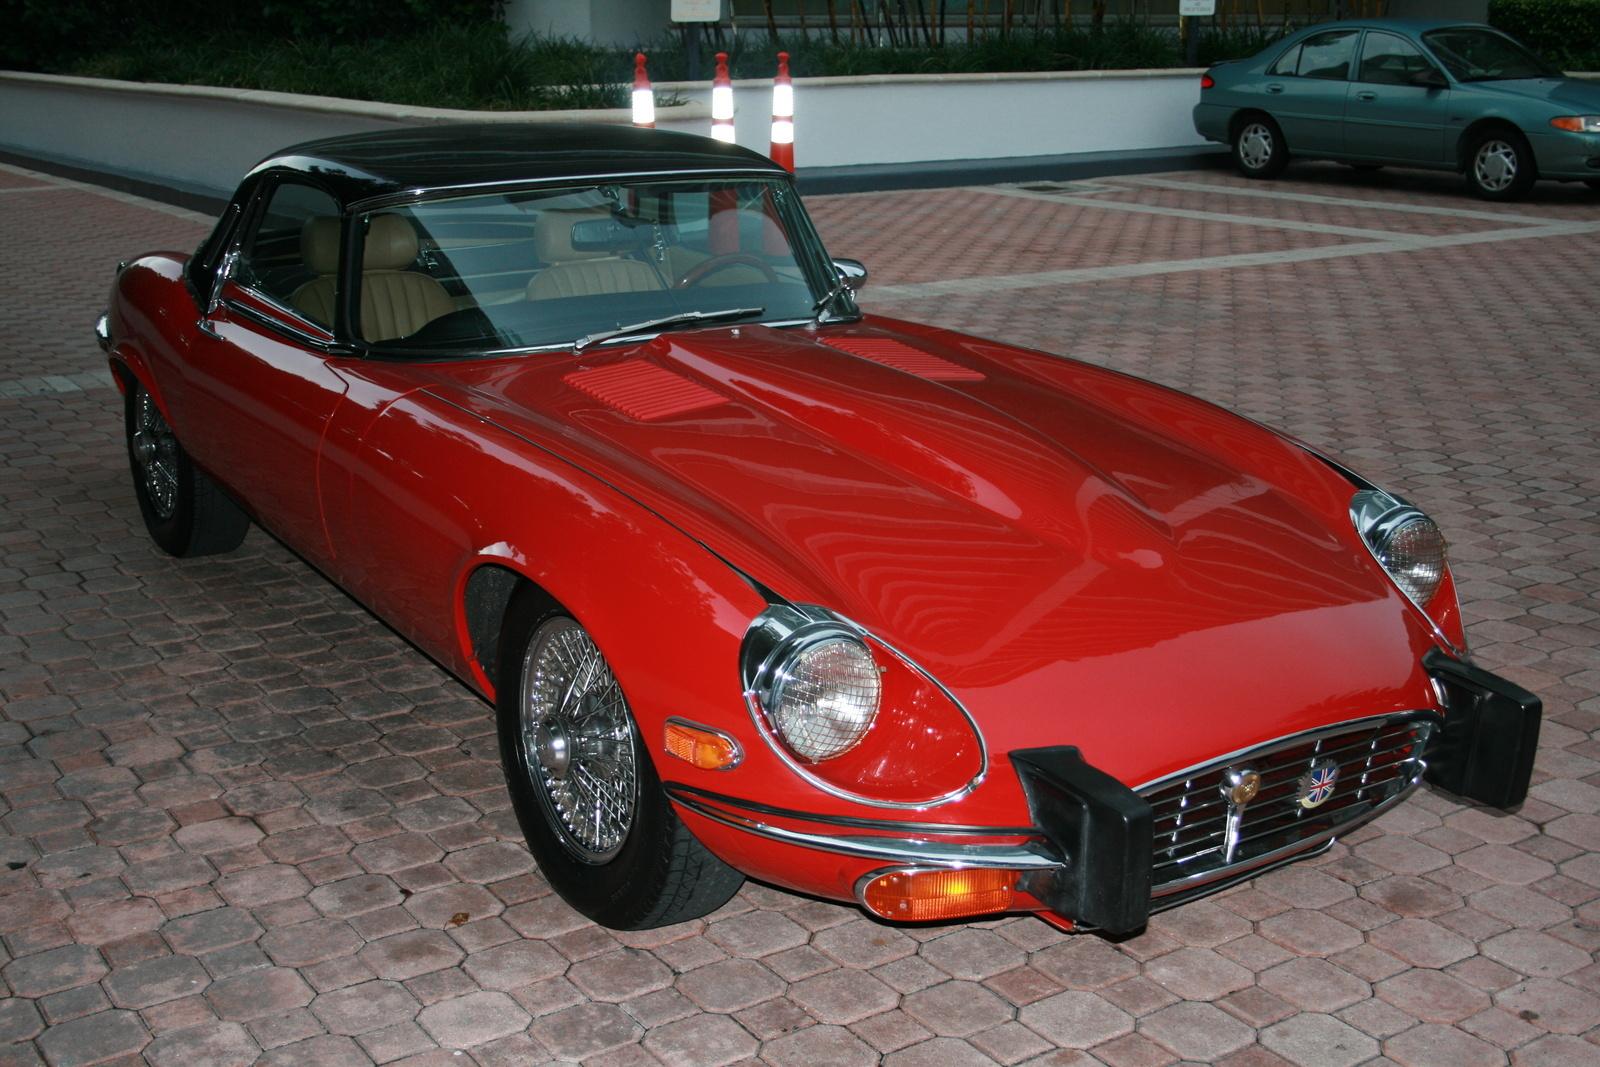 1974 Jaguar E-TYPE - Overview - CarGurus